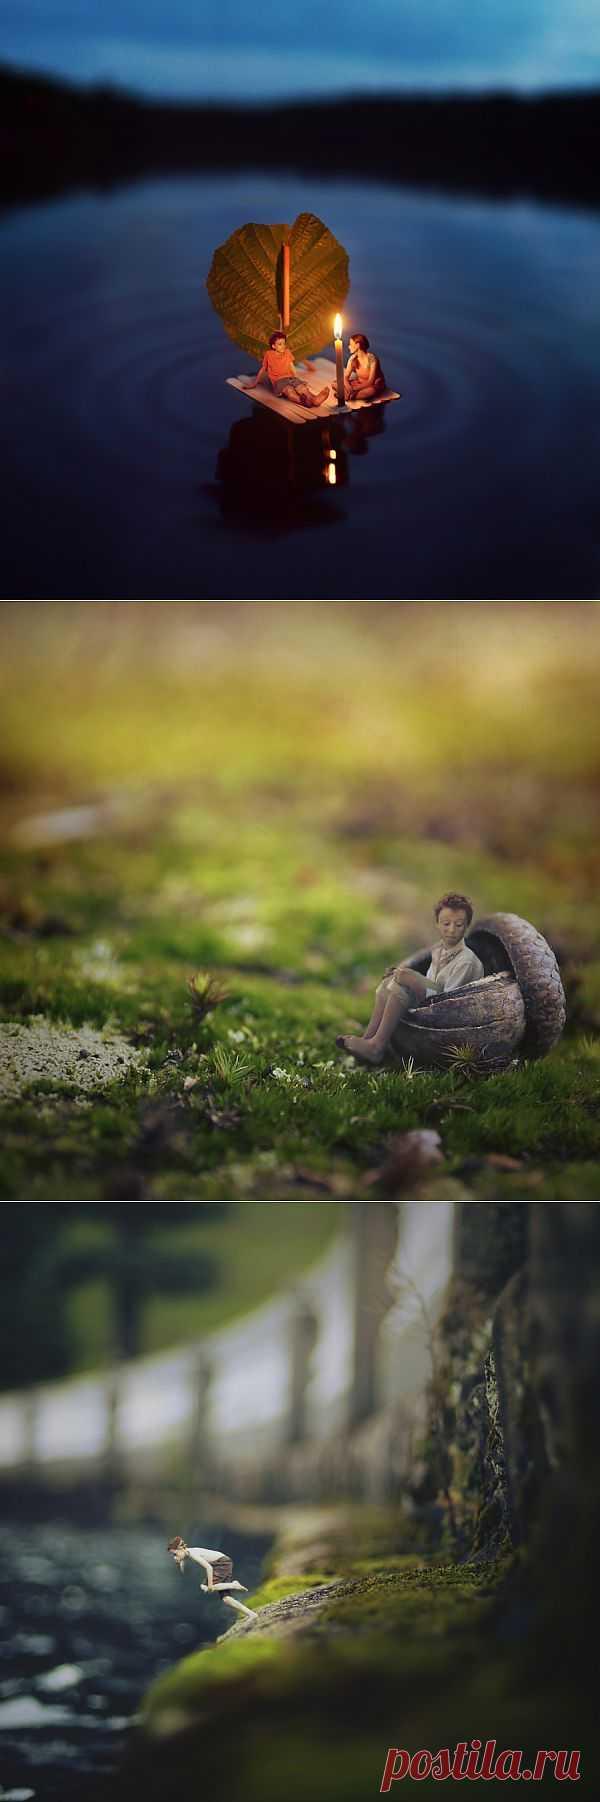 Зев Гувер - Удивительный мир лилипутов на фотографии   Живой фотоблог